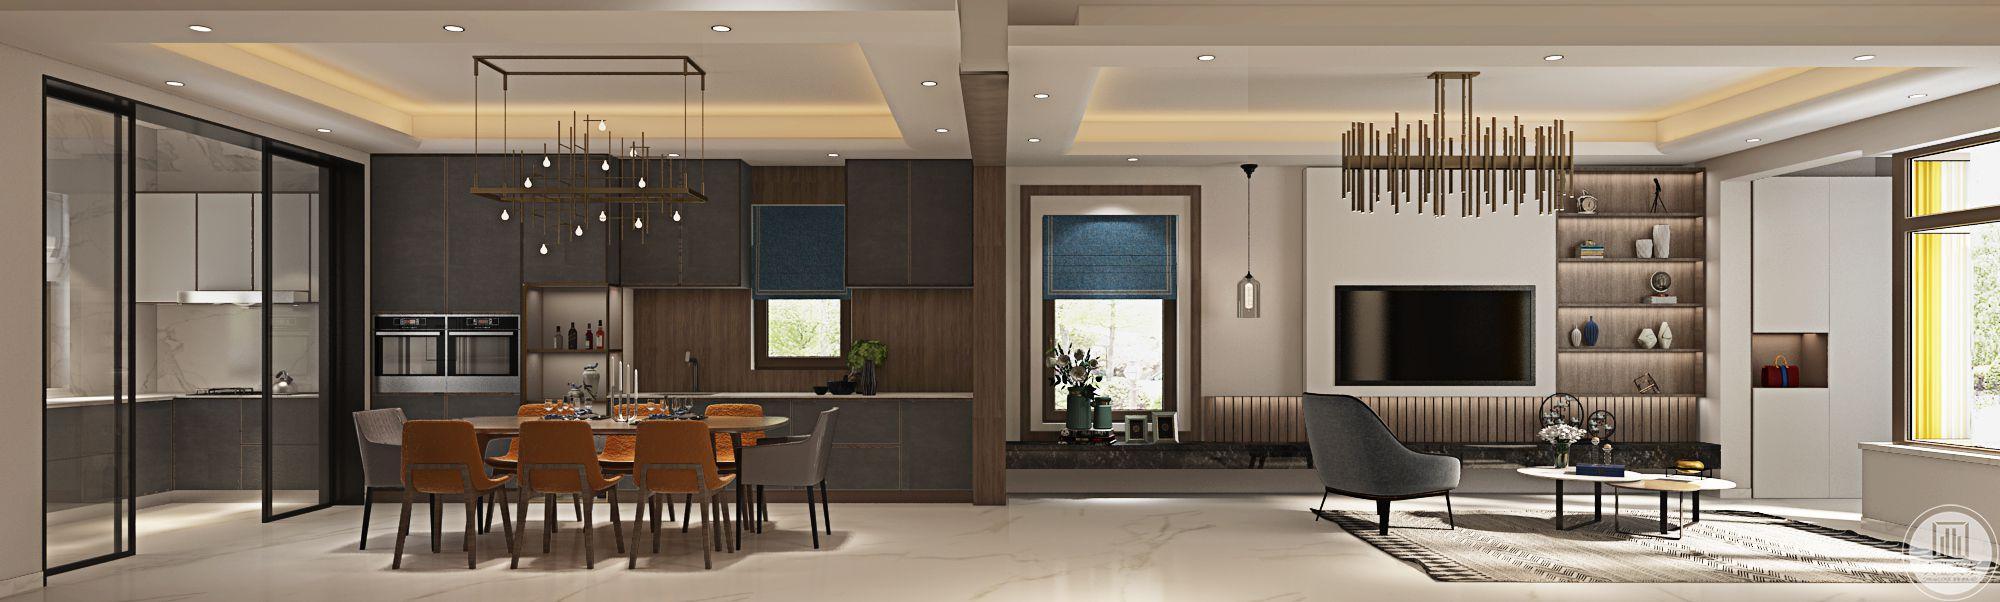 整体装修选择开放式的风格,拉升了空间感。